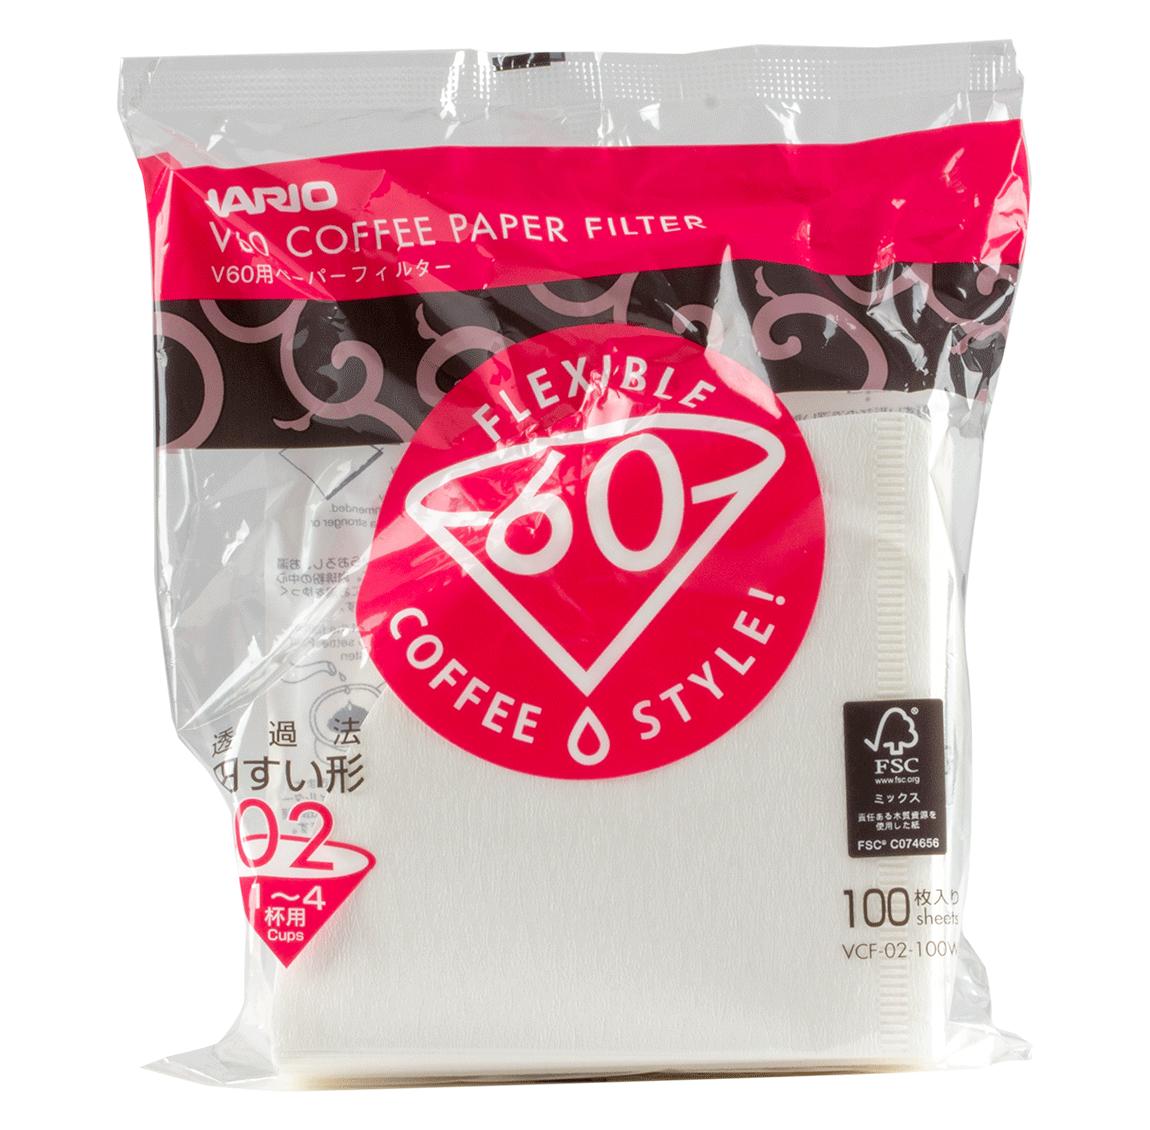 Hario Coffee Paper Filter - 100 pieces